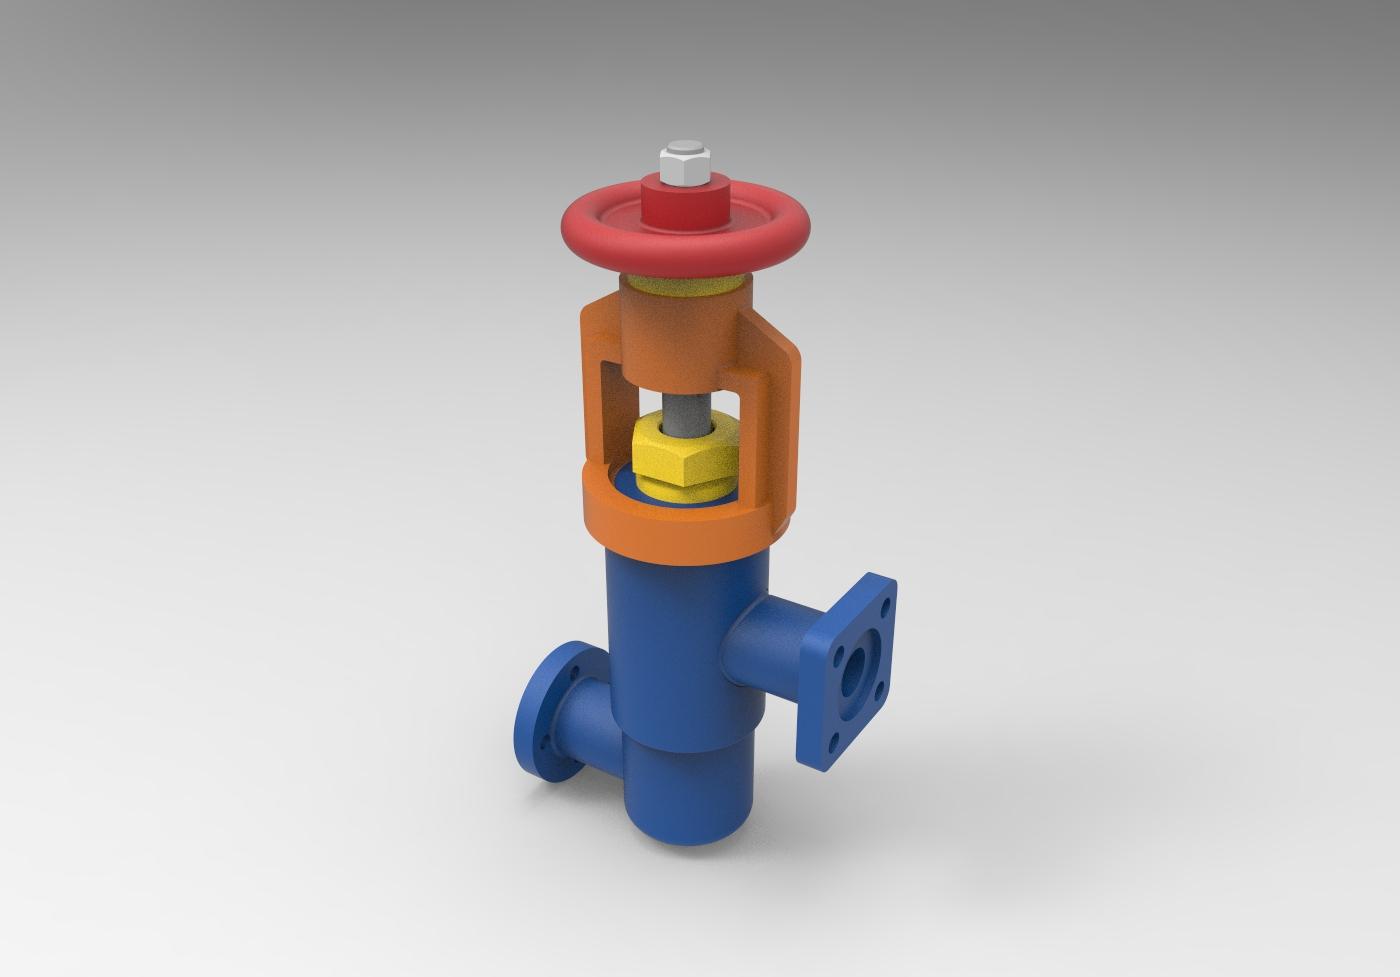 МЧ00.62.00.00 СБ Клапан 3D-модель и чертежи